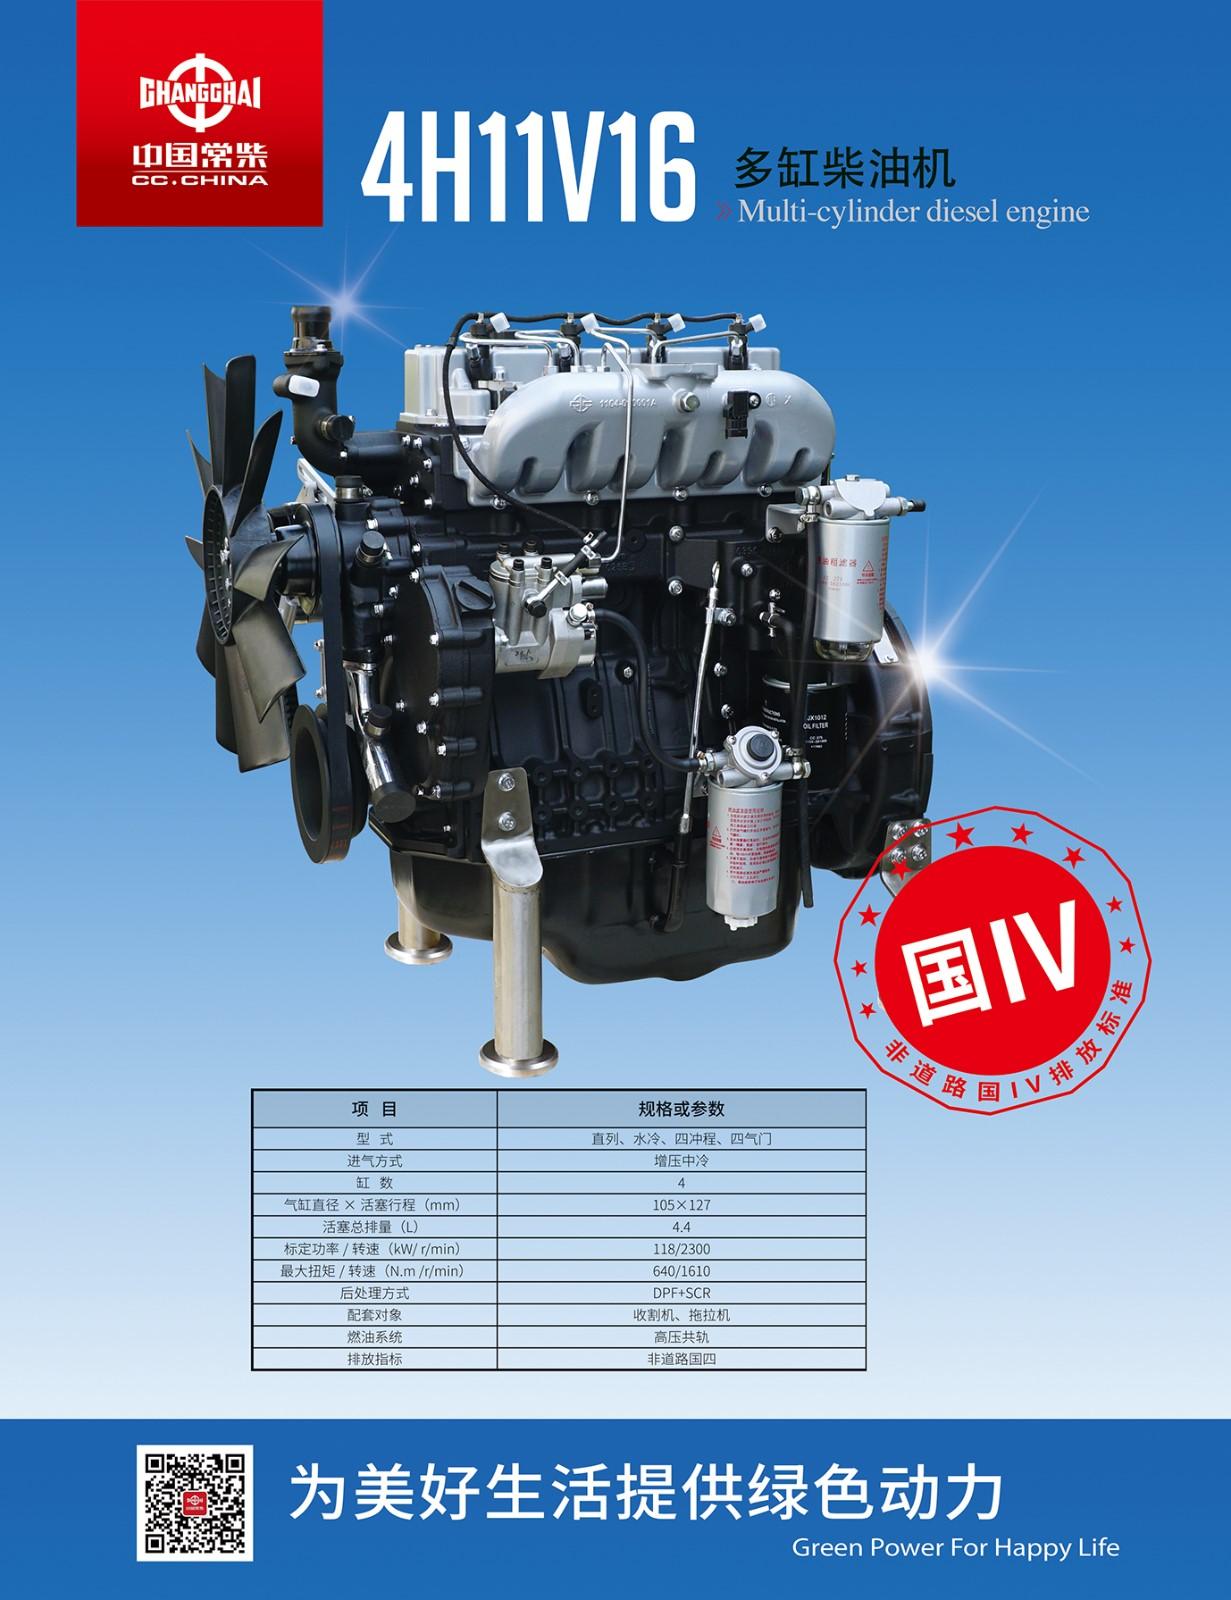 4H11V16 多缸柴油机.jpg